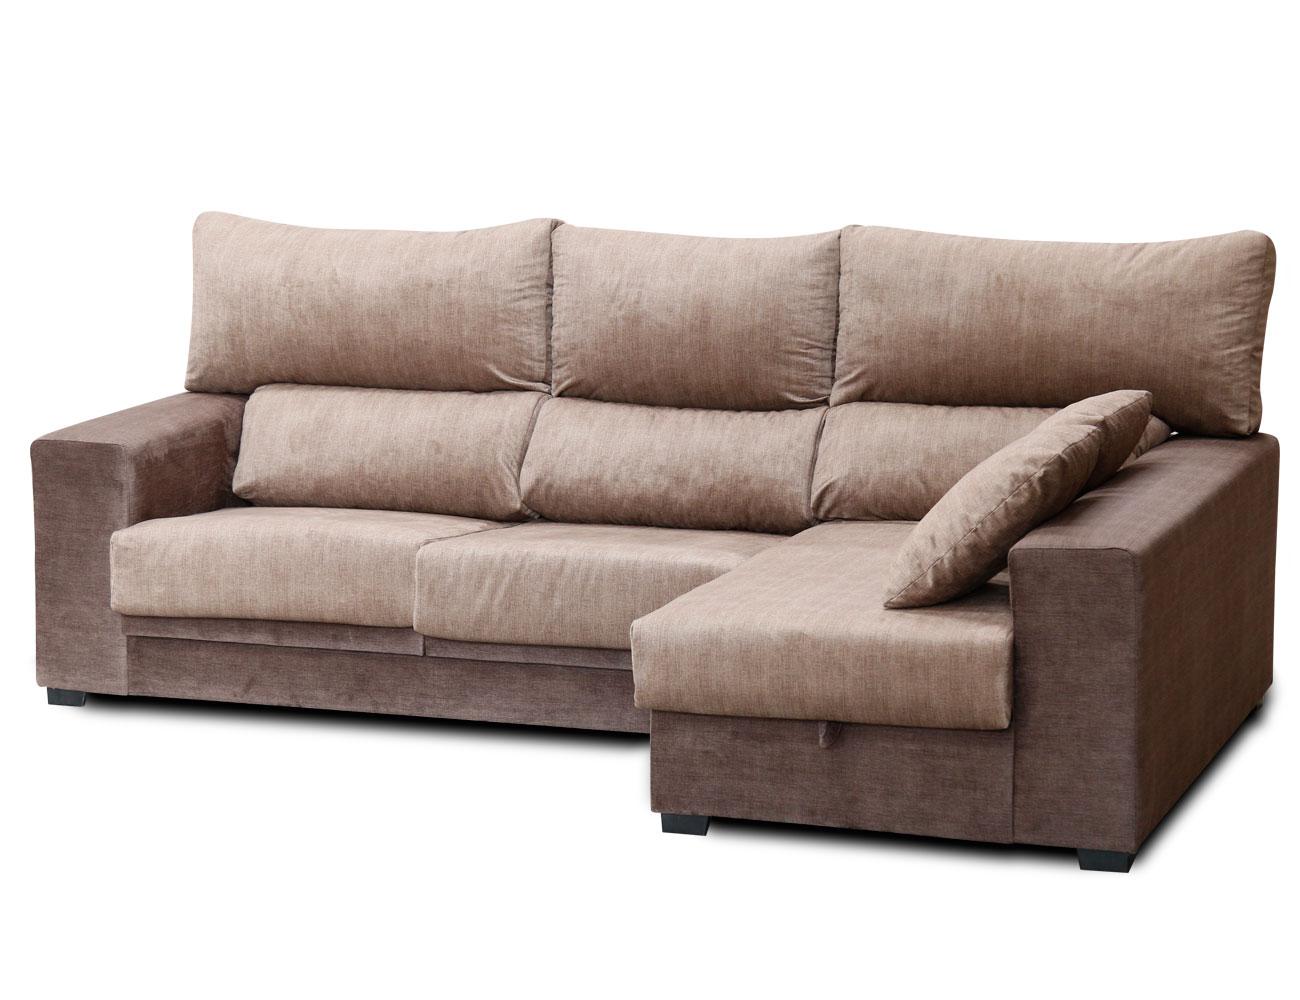 Sof chaiselongue con asientos extraibles y respaldos for Sofa gran confort precios